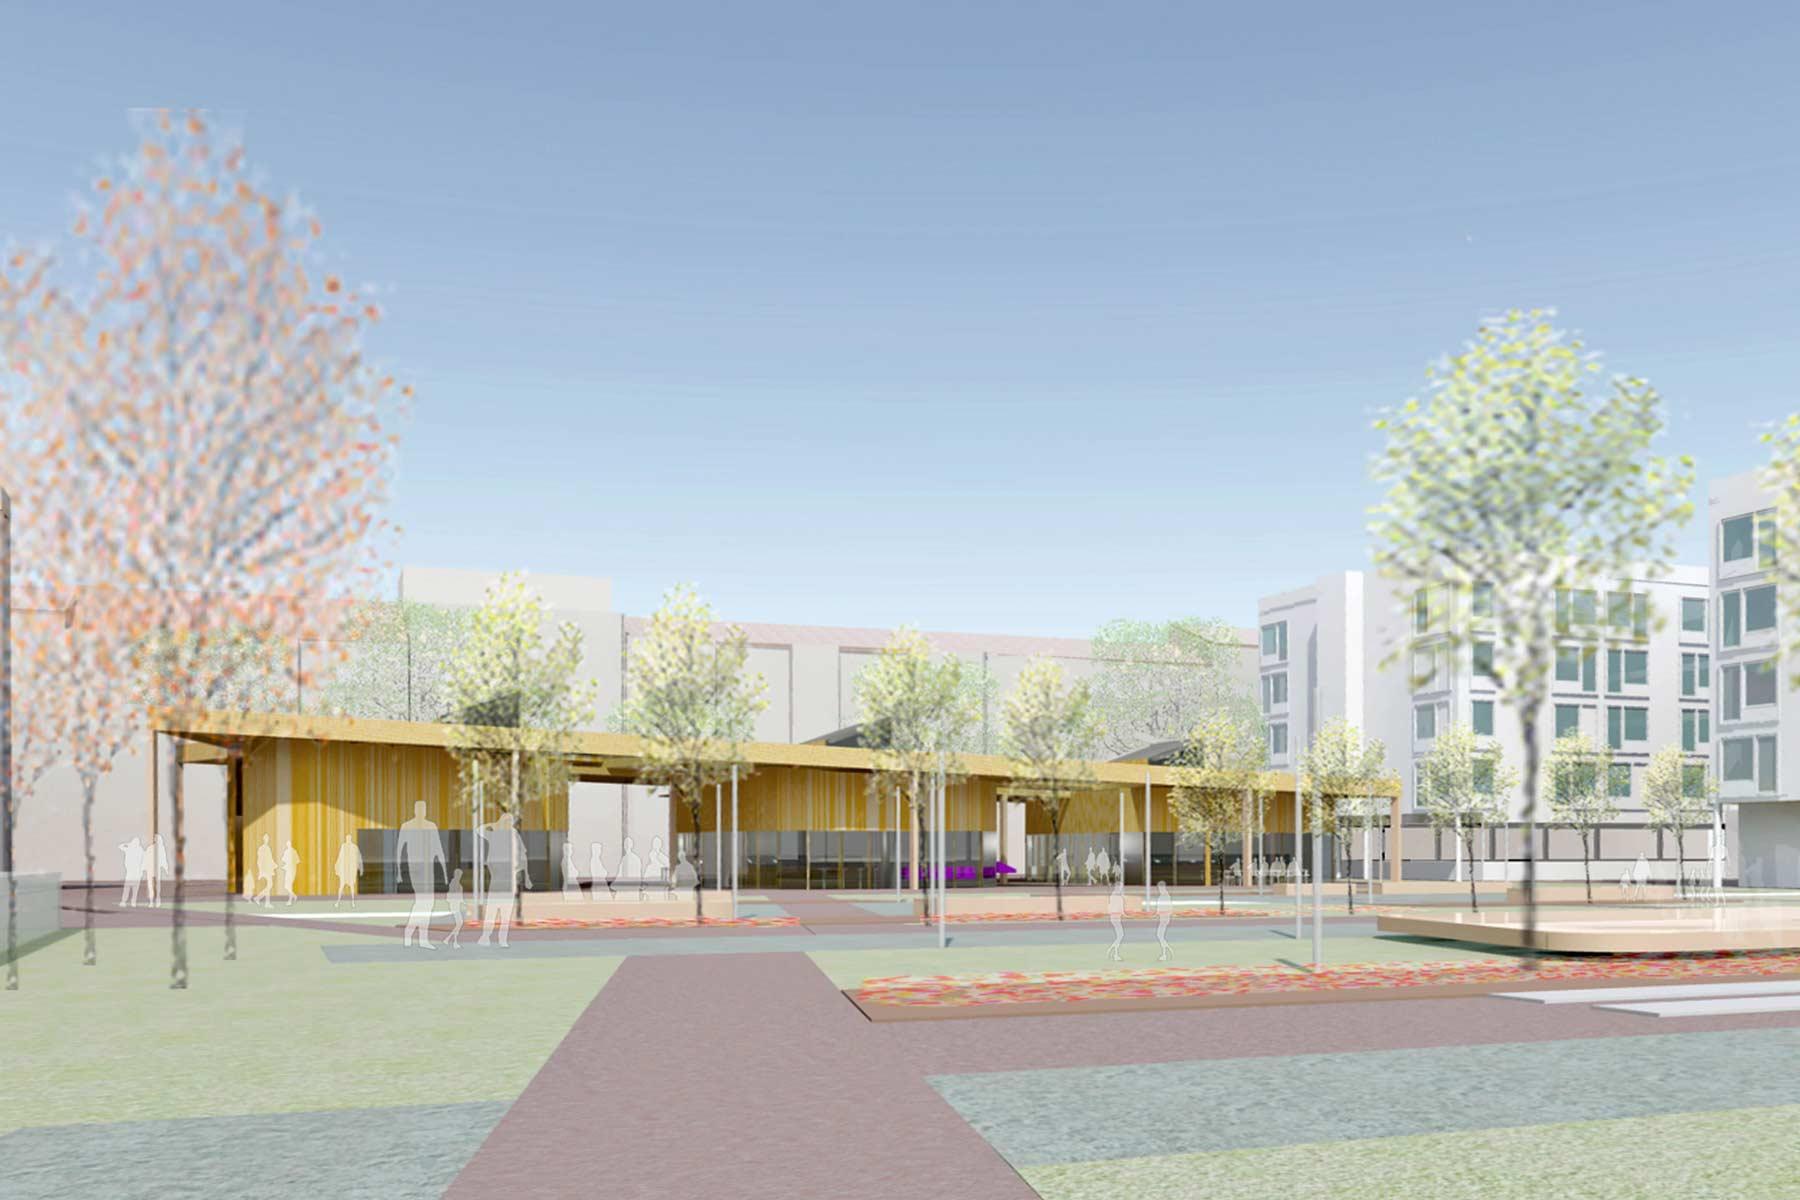 Architekturwettbewerb, Gruenmarkt, Park, Linz